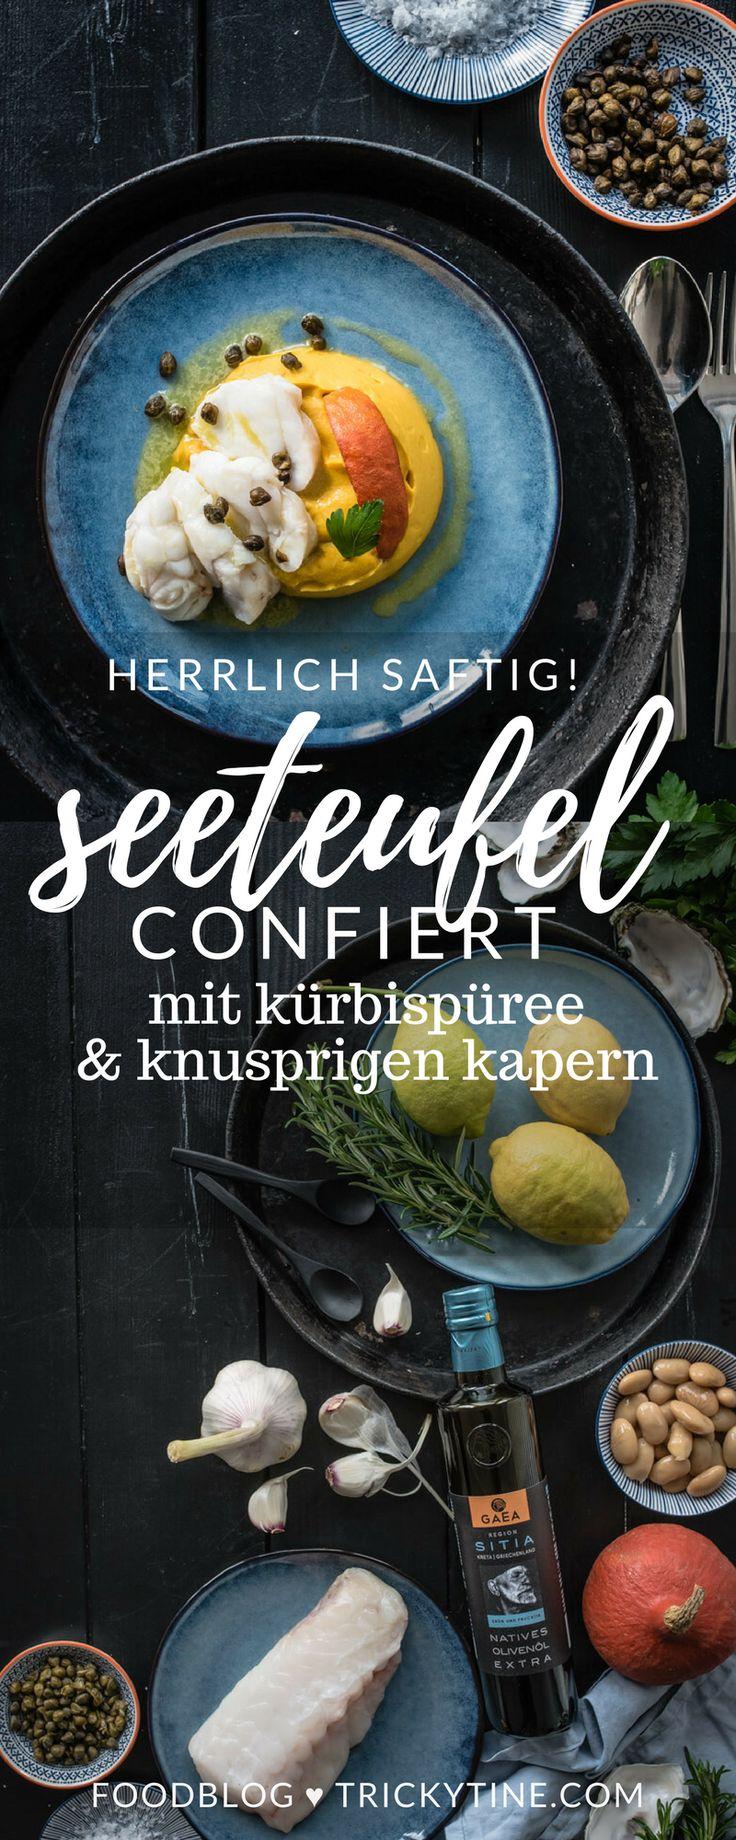 confierter seeteufel mit kürbis-bohnen-püree und knusprigen kapern ♥ trickytine.com